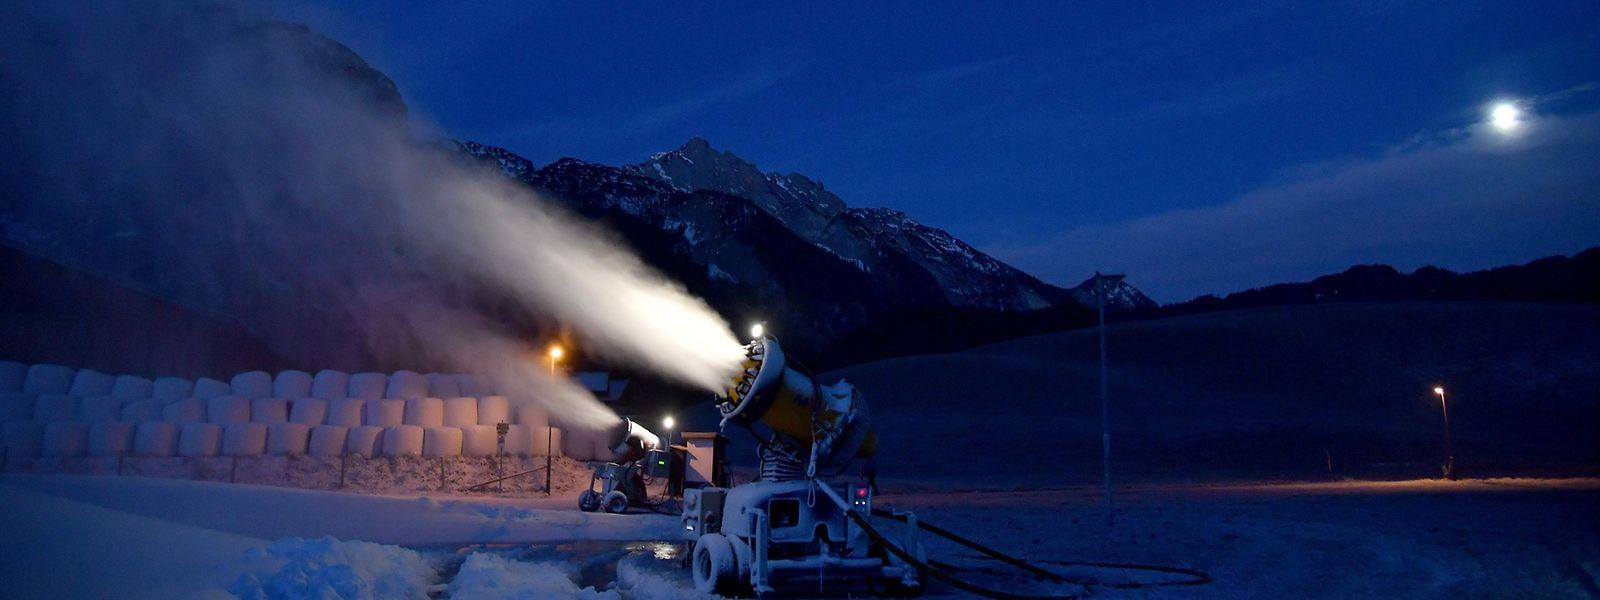 Im österreichischen Skigebiet Abtenau bereitet man sich bereits auf die Ski-Saison vor: Die Schneekanonen laufen auf vollen Touren.